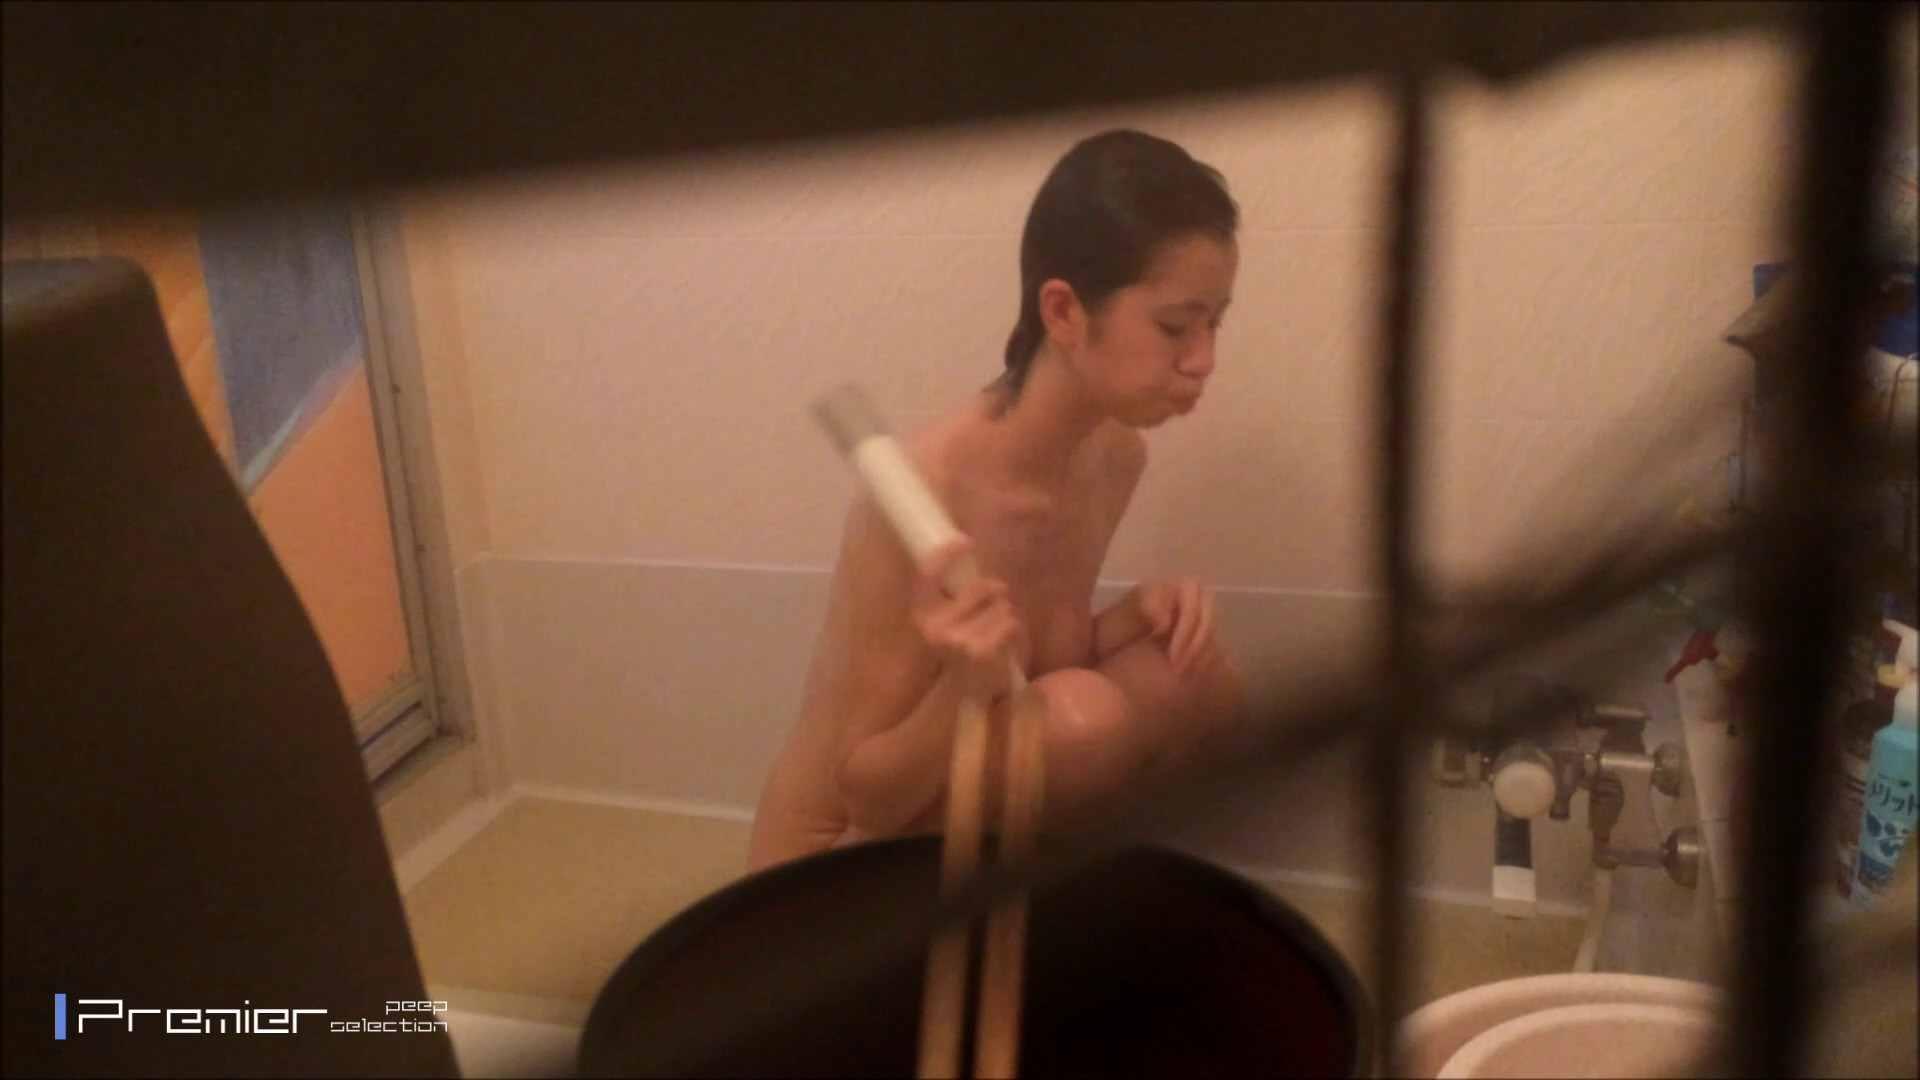 高画質フルハイビジョン スレンダー美女の入浴 乙女の風呂場 Vol.04 ギャル  57PIX 50